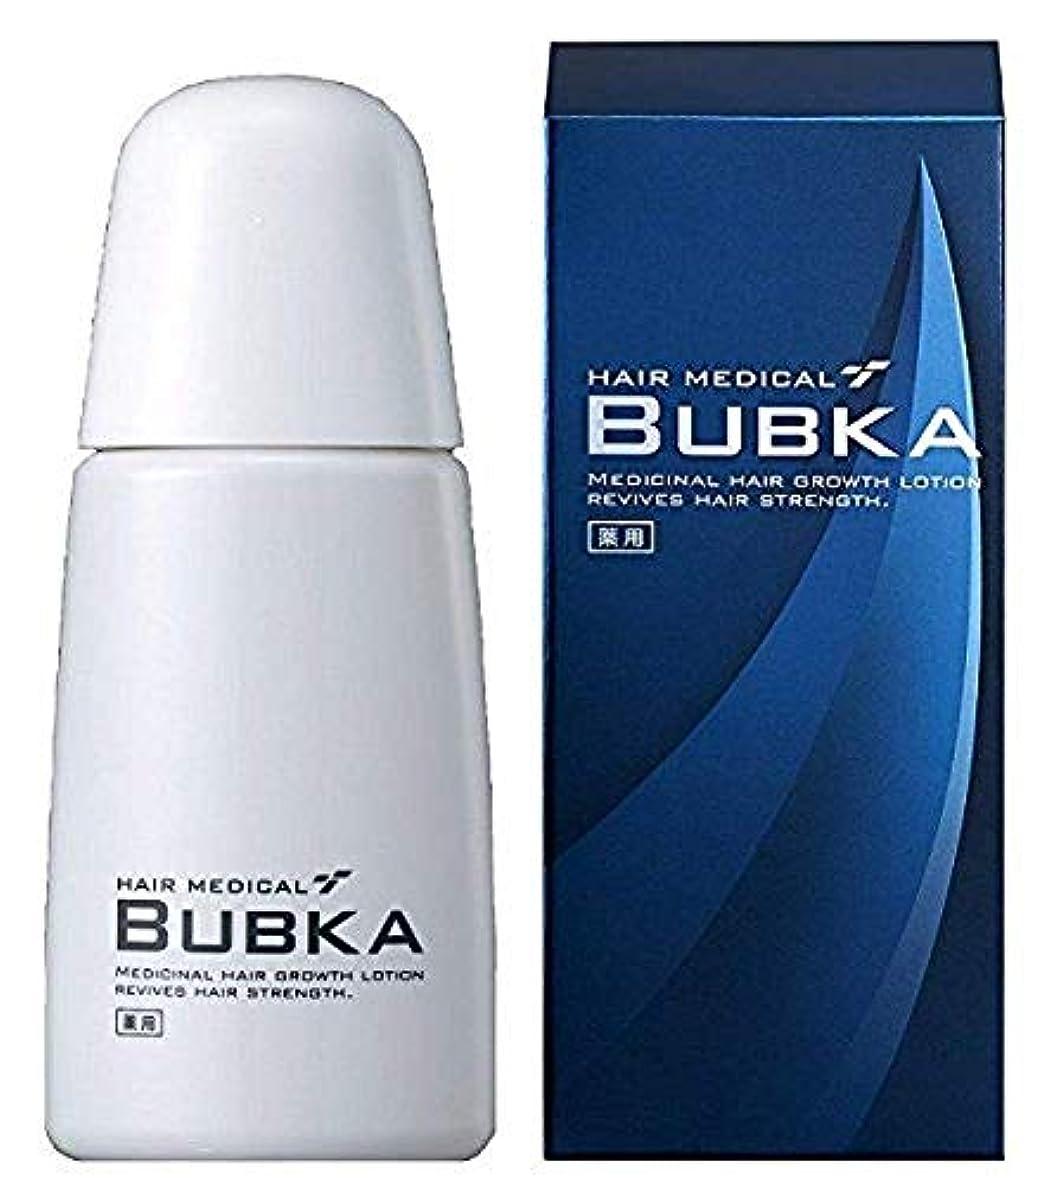 言及する許容できるエンジニアリング【BUBKA ブブカ 】新型 濃密育毛剤 ブブカ-003M (内容量:120ml 約1ヶ月分)(医薬部外品)